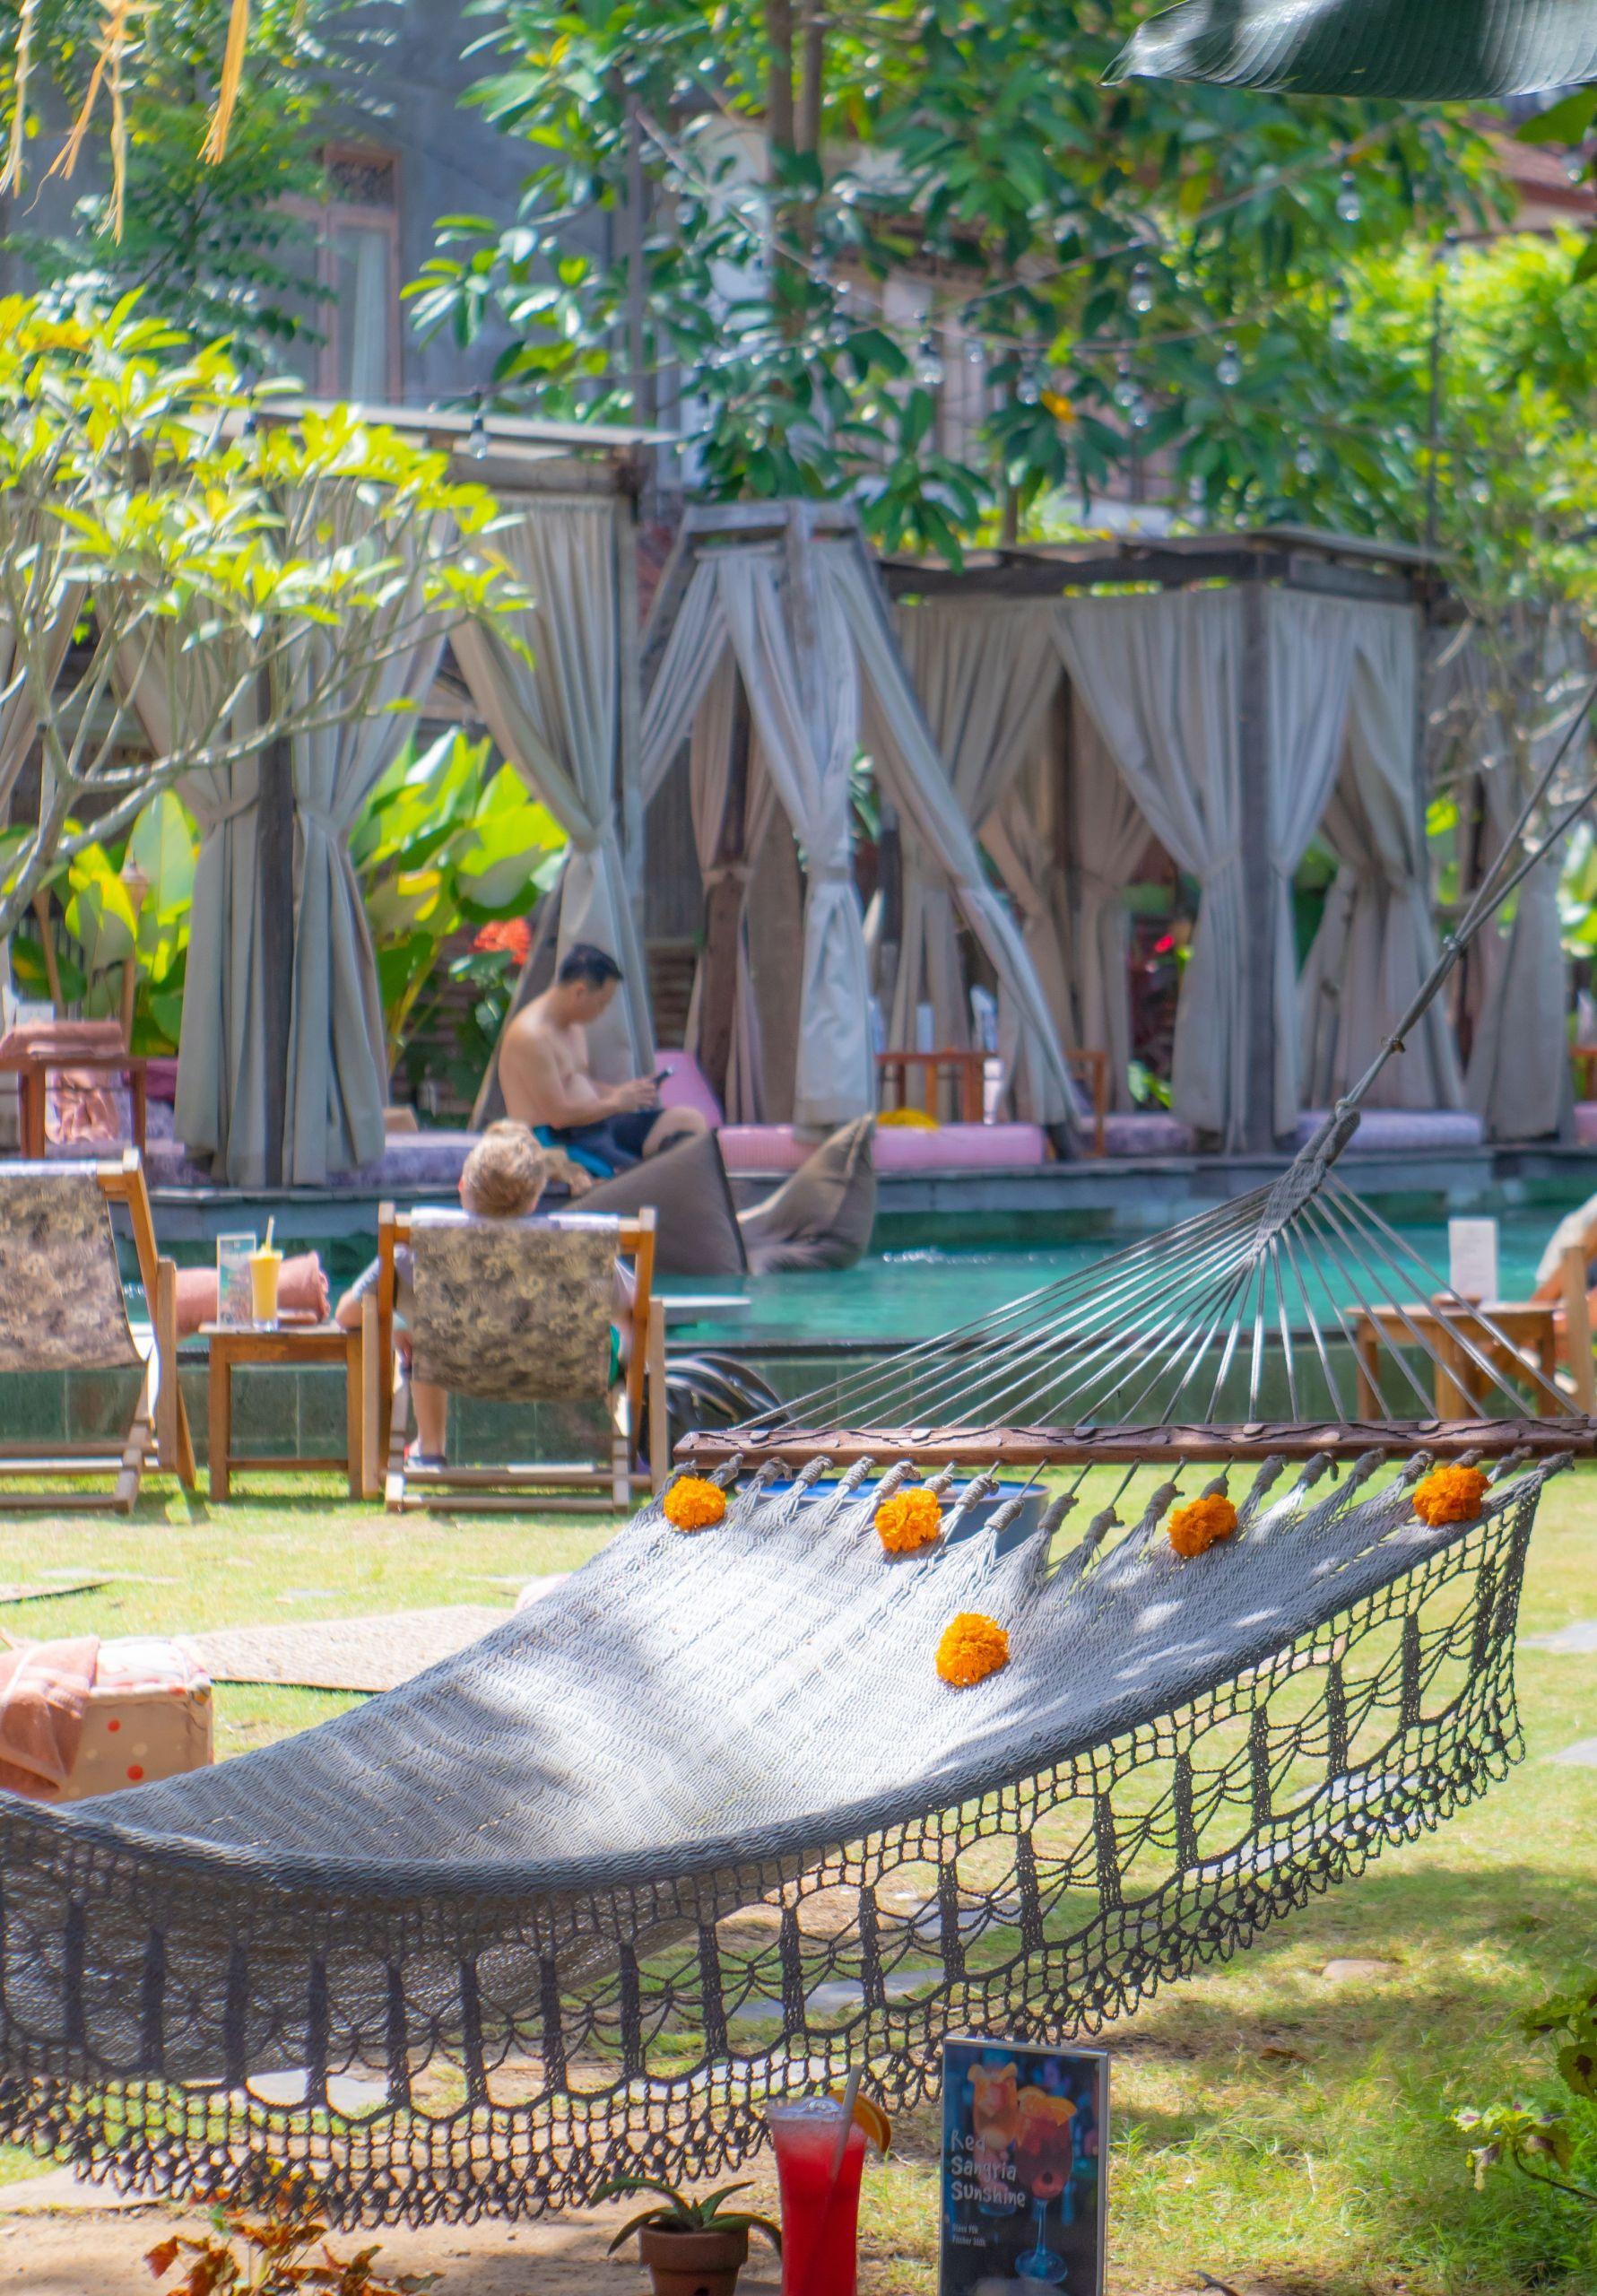 Pool Garten Gestaltung Luxus Shl asia S Landscape Project Folk Pool & Garden In the Heart